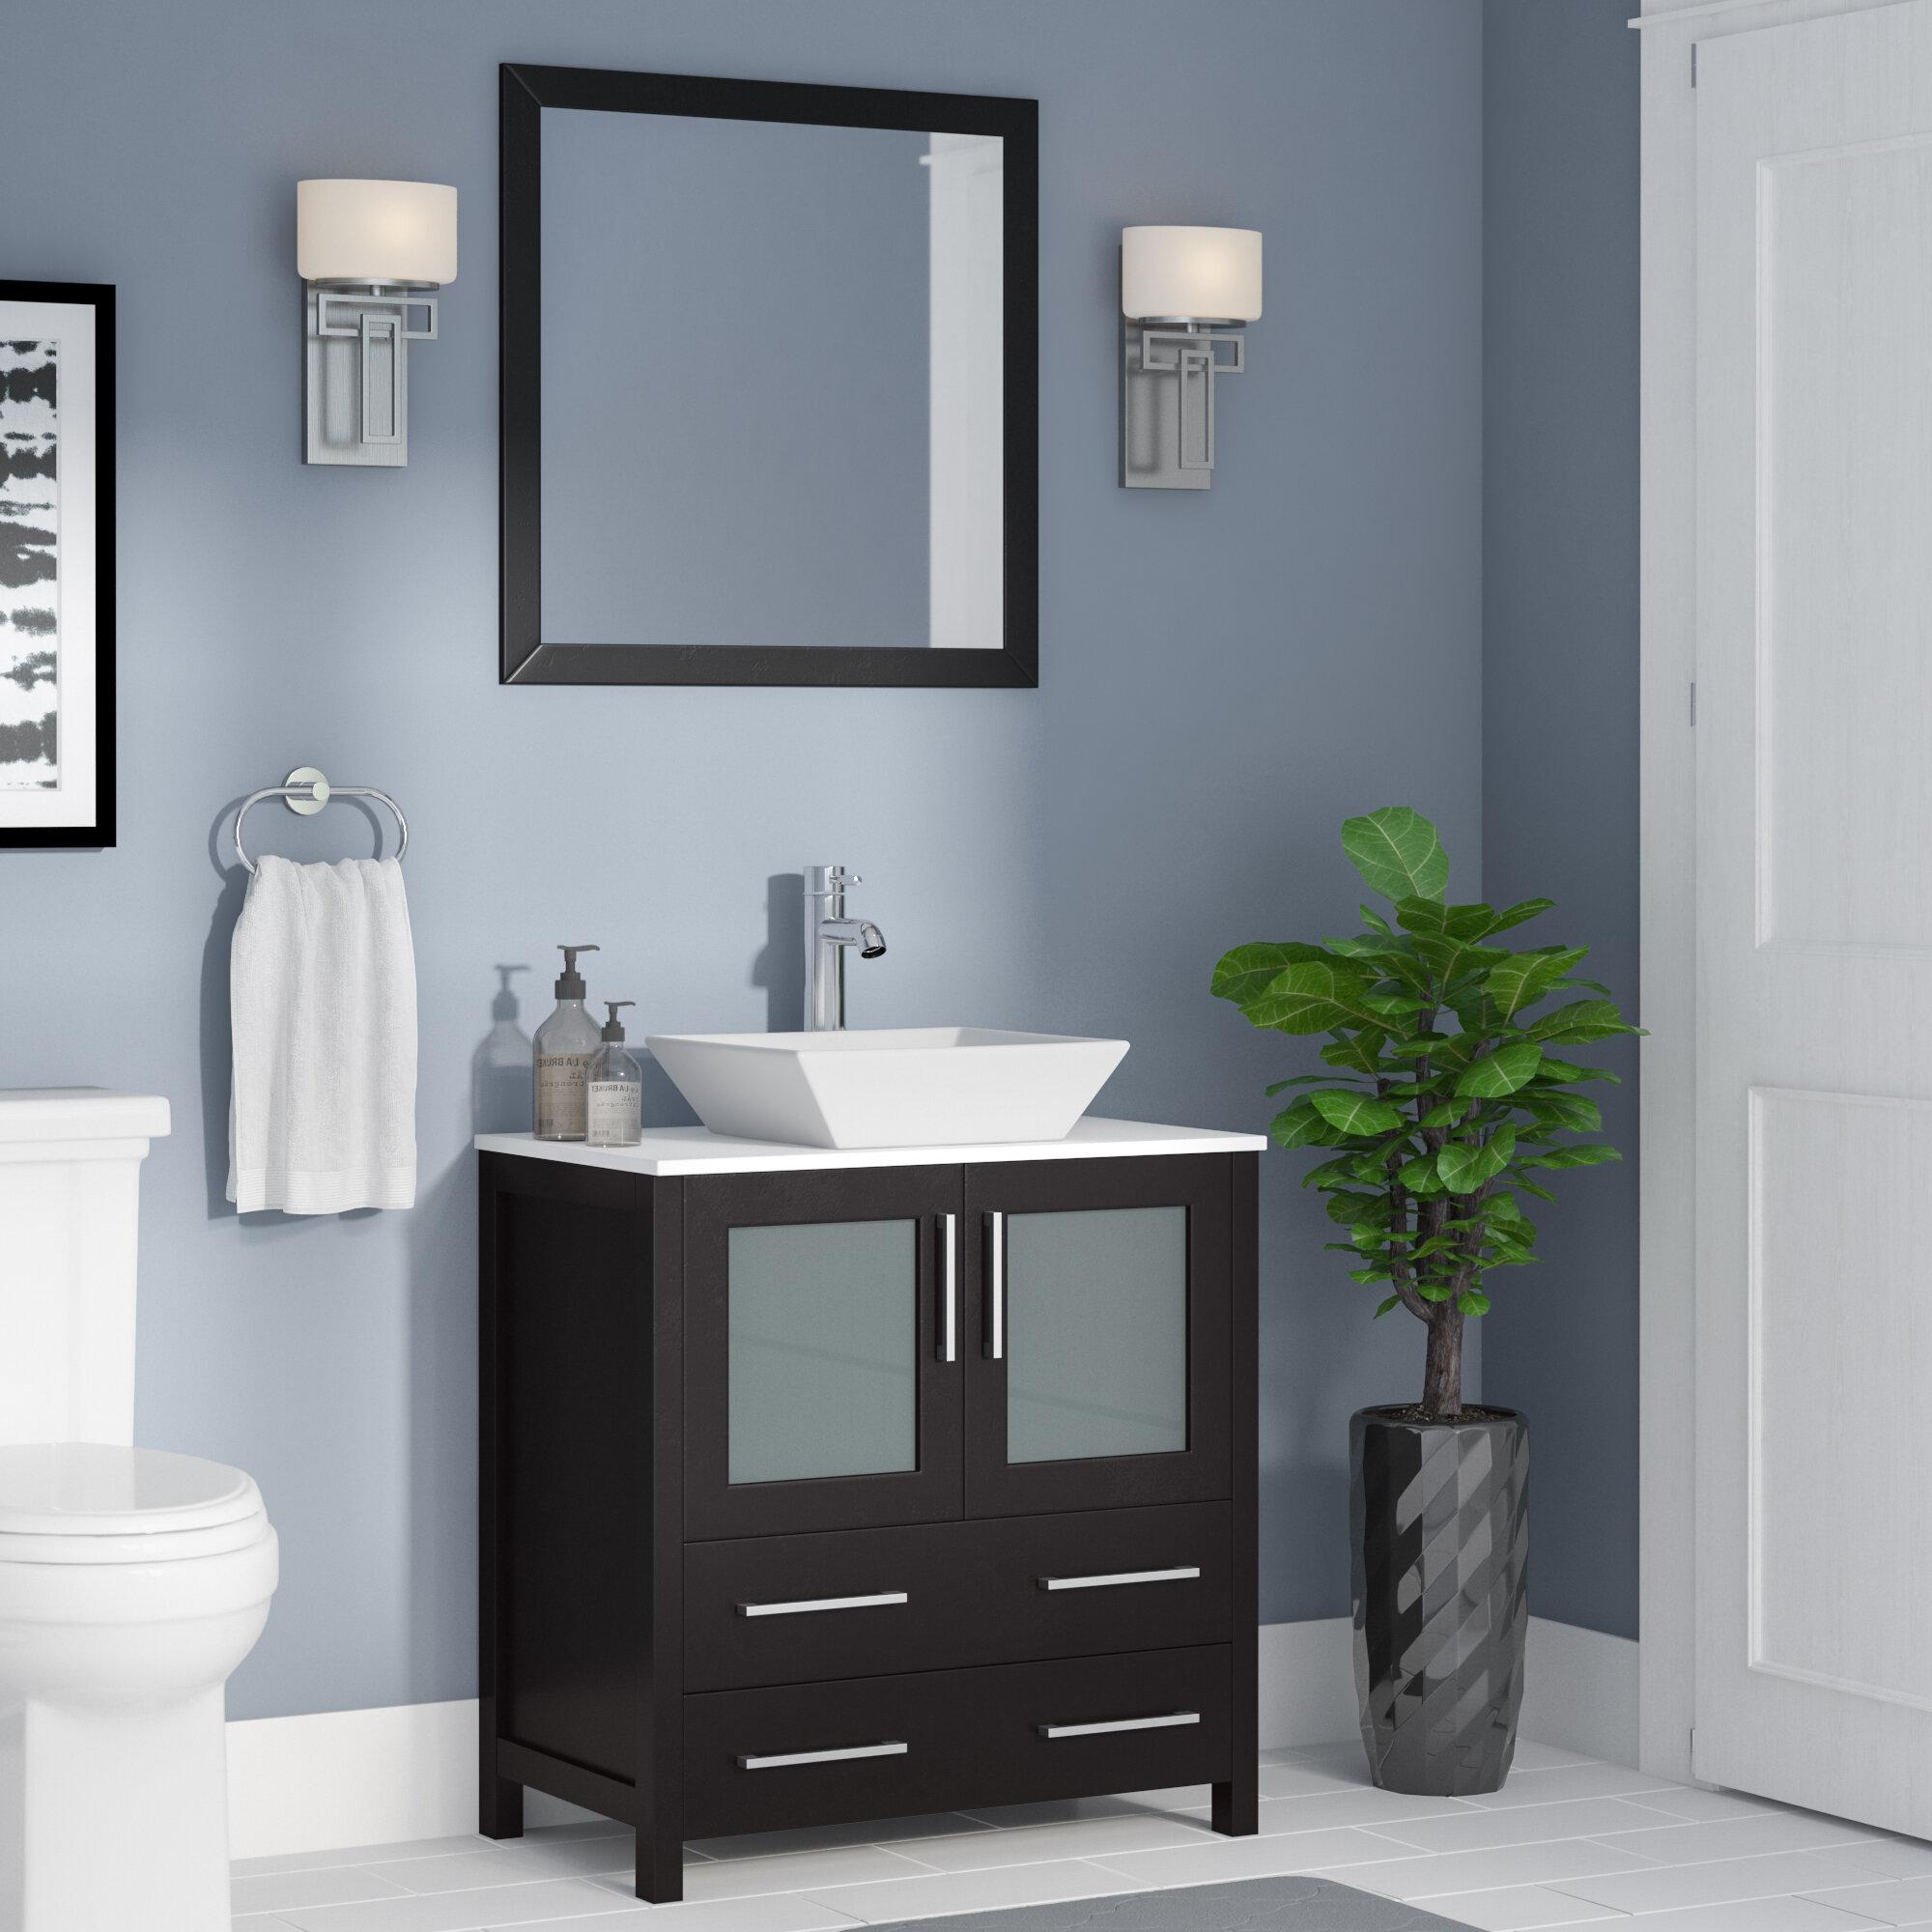 Dresser Style Bathroom Vanity Wayfair